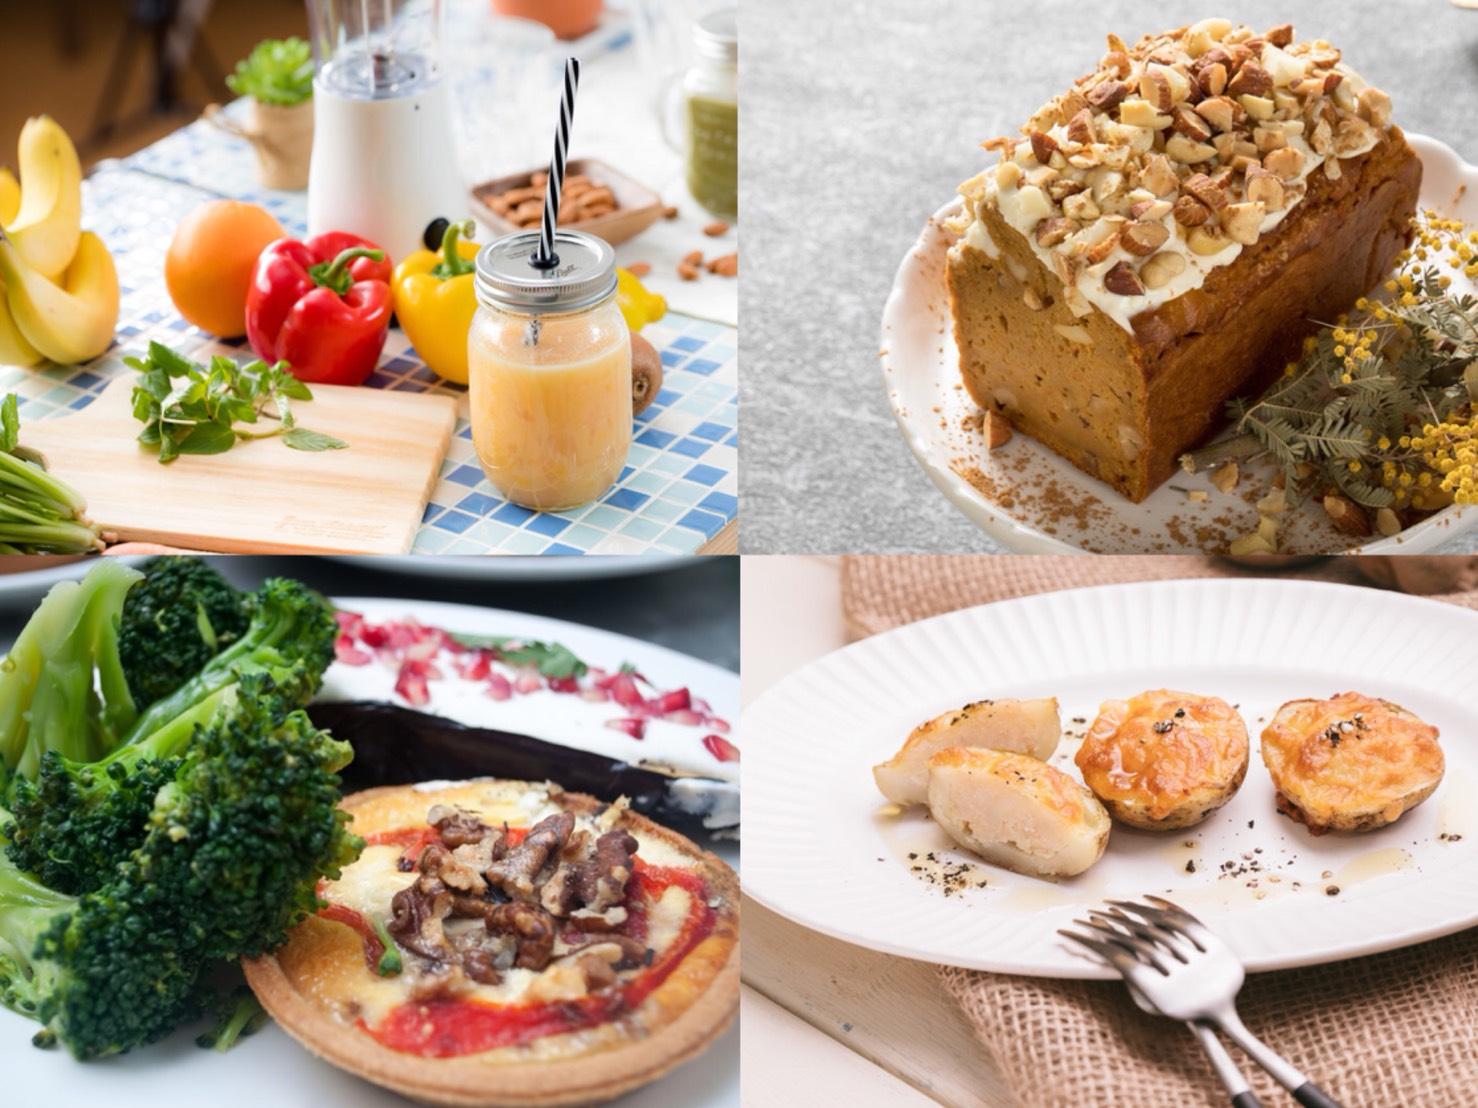 原宿・表參道區域 5間素食主義者也能開心享用美食的餐廳・咖啡廳 MOSHIMOSHIBOX、午餐、咖啡廳、在原宿、在表參道、餐廳、